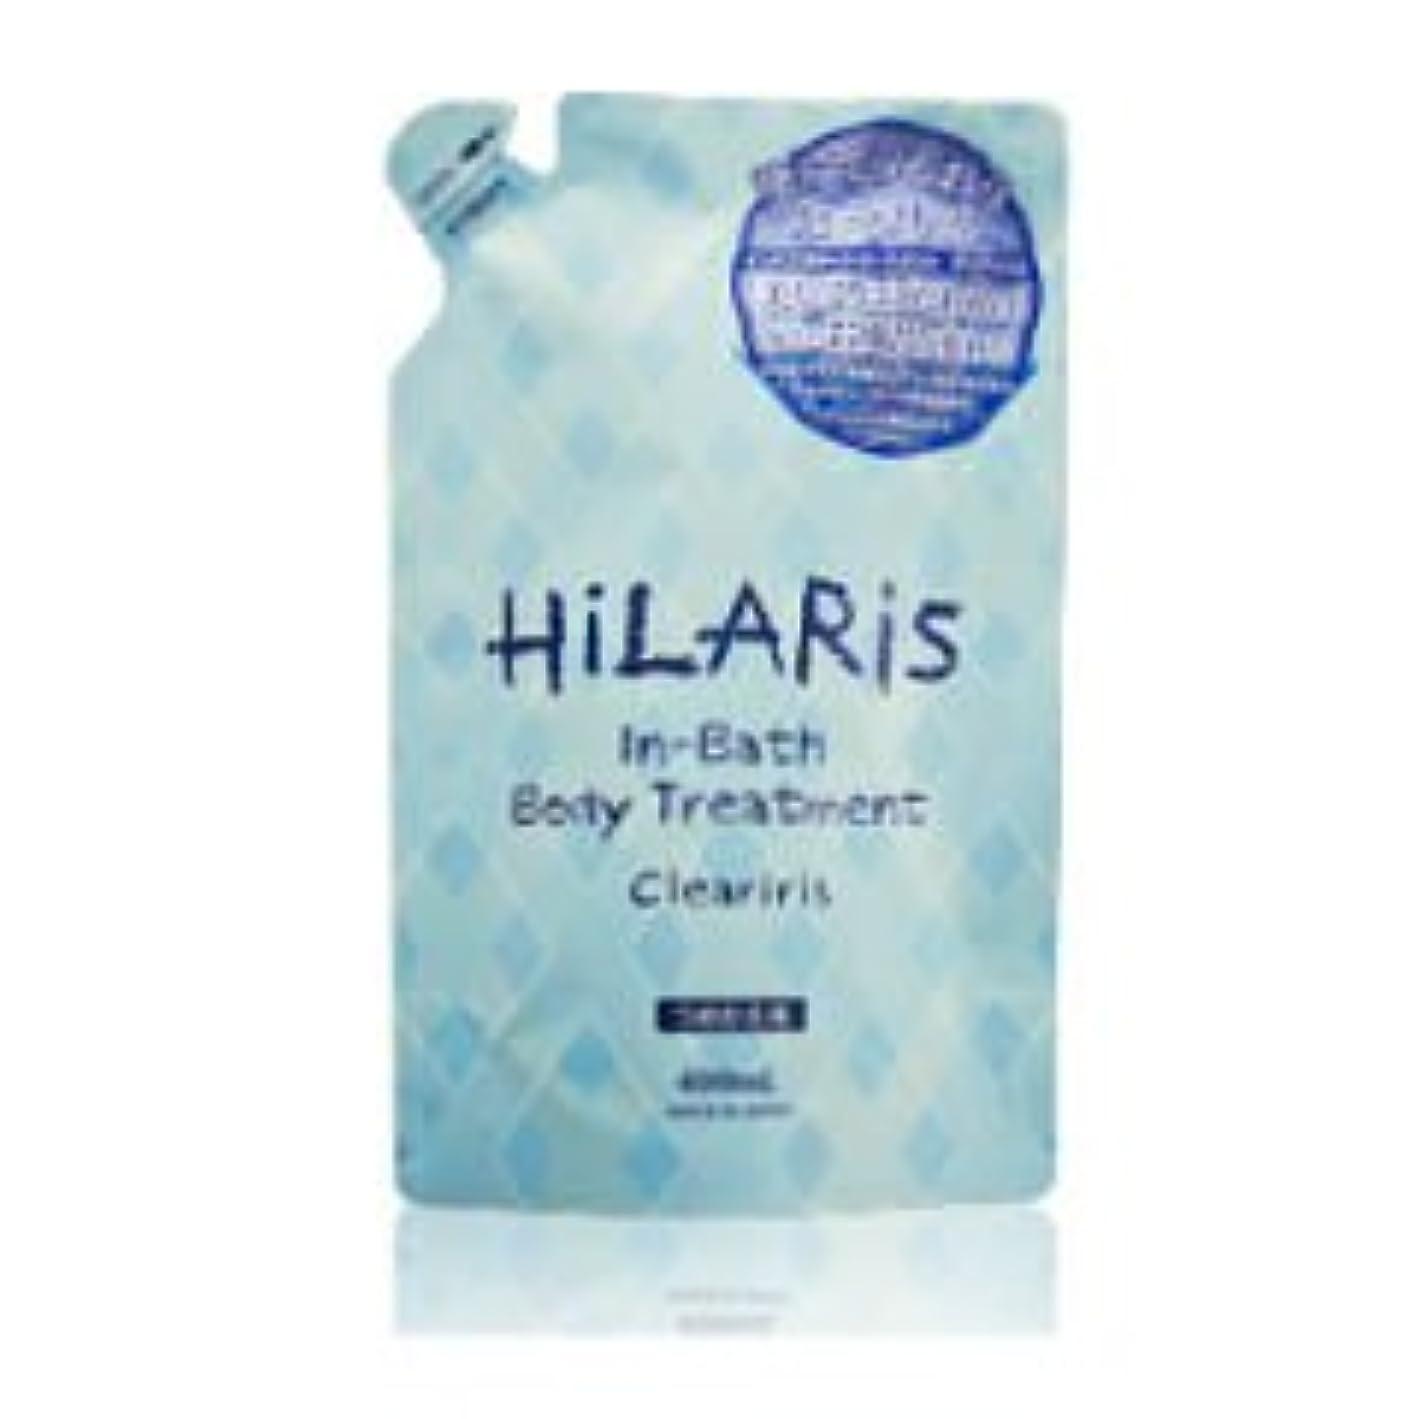 破滅誤って再生ヒラリス(HiLARiS)クリアイリスインバスボディトリートメント詰替